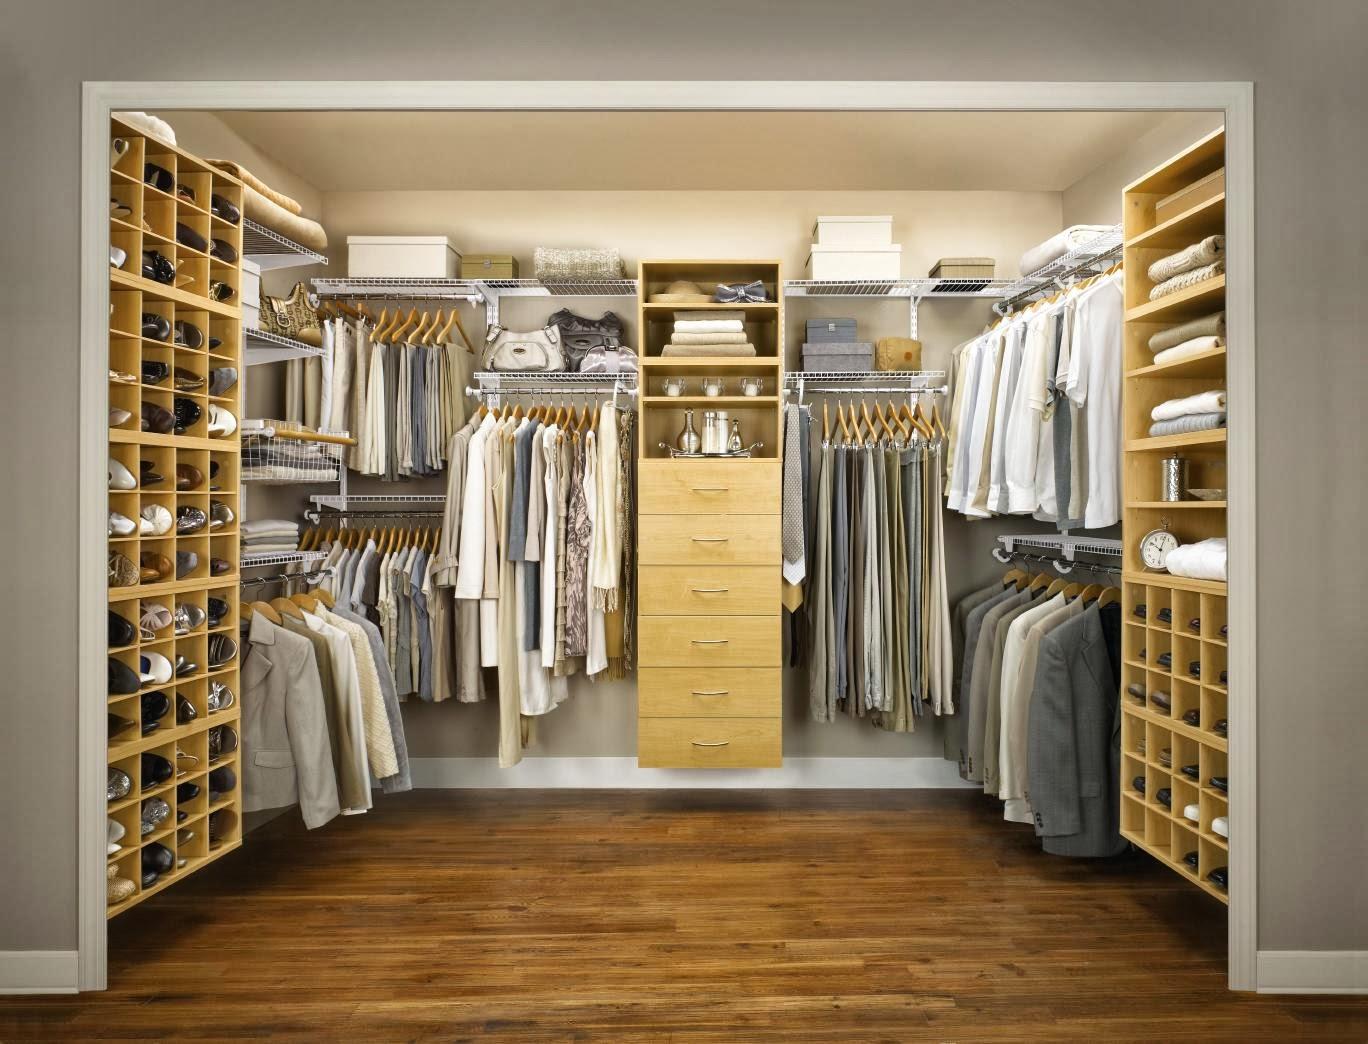 Fantastisk sovrum garderob